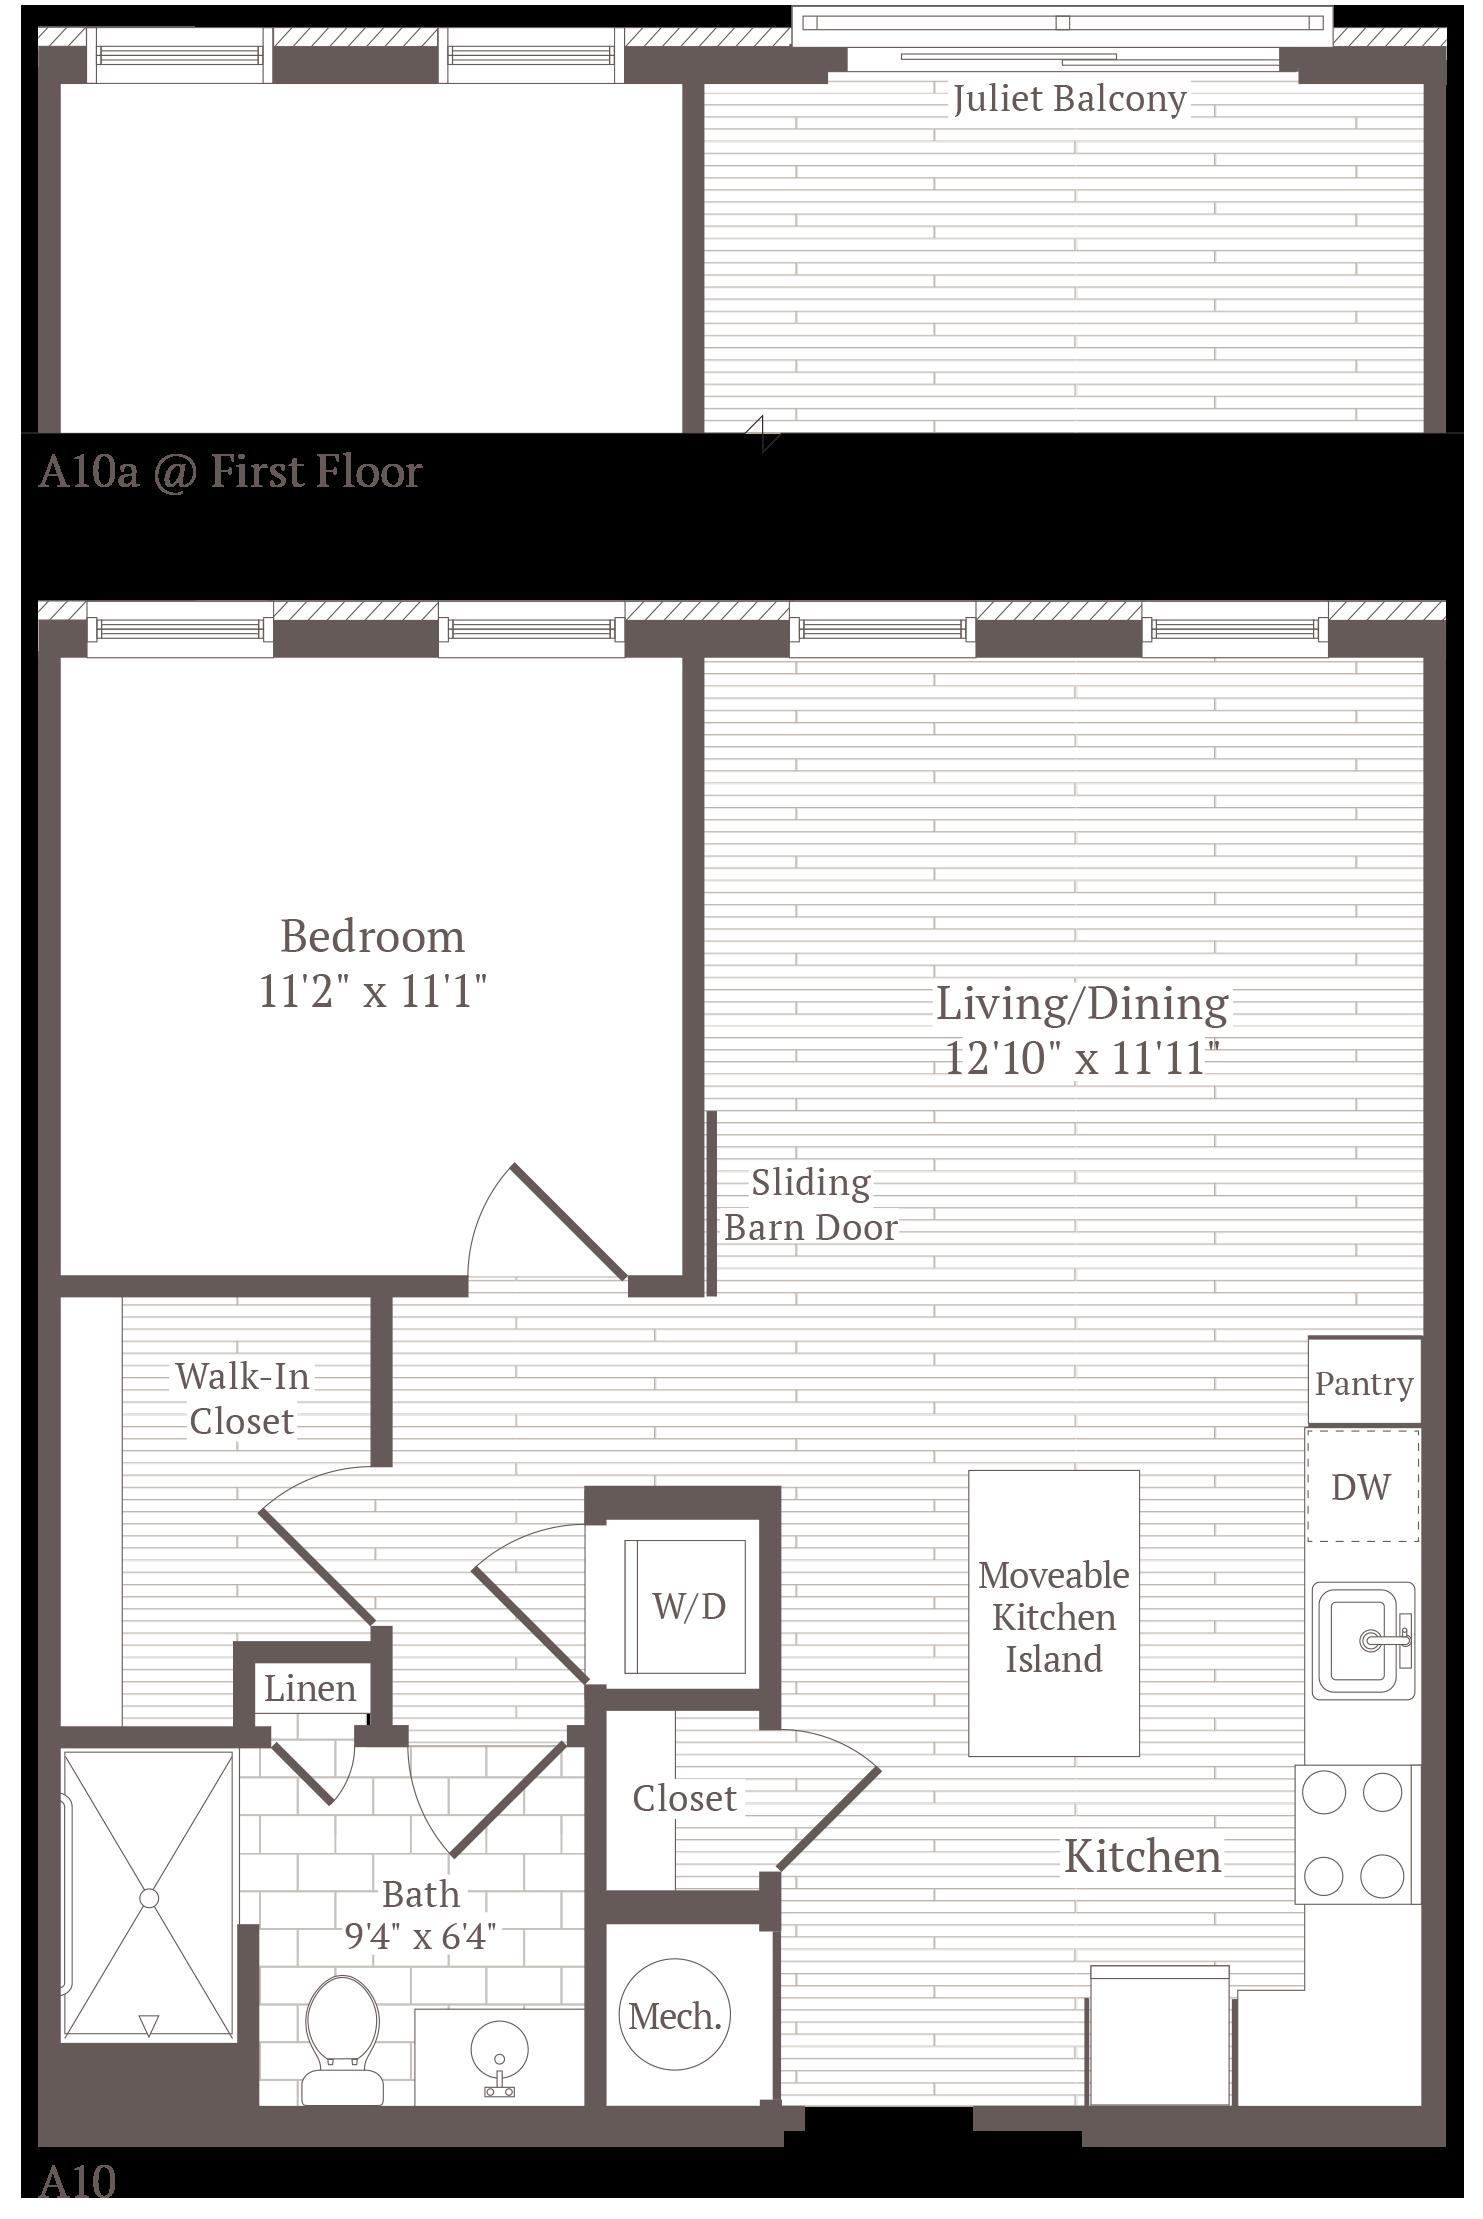 floorplan 246 image